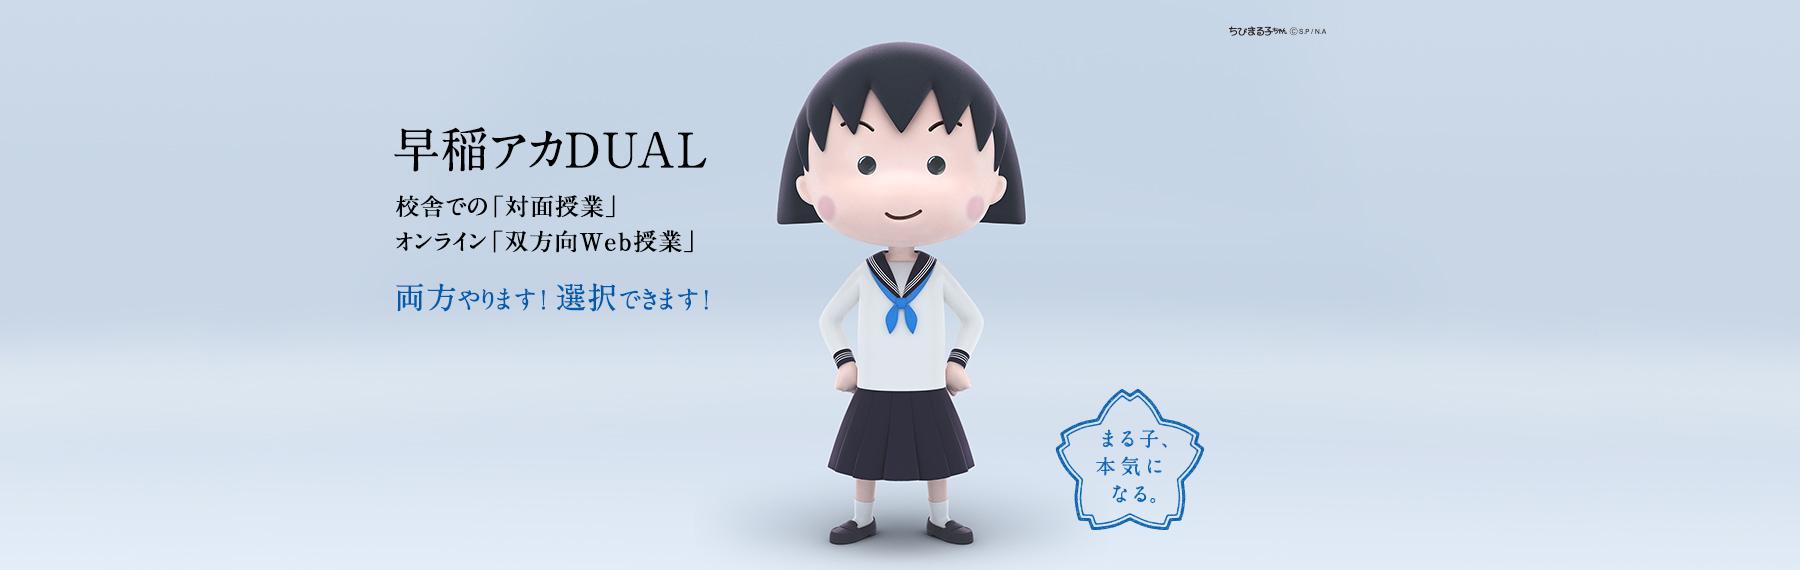 マイ ページ アカ 早稲